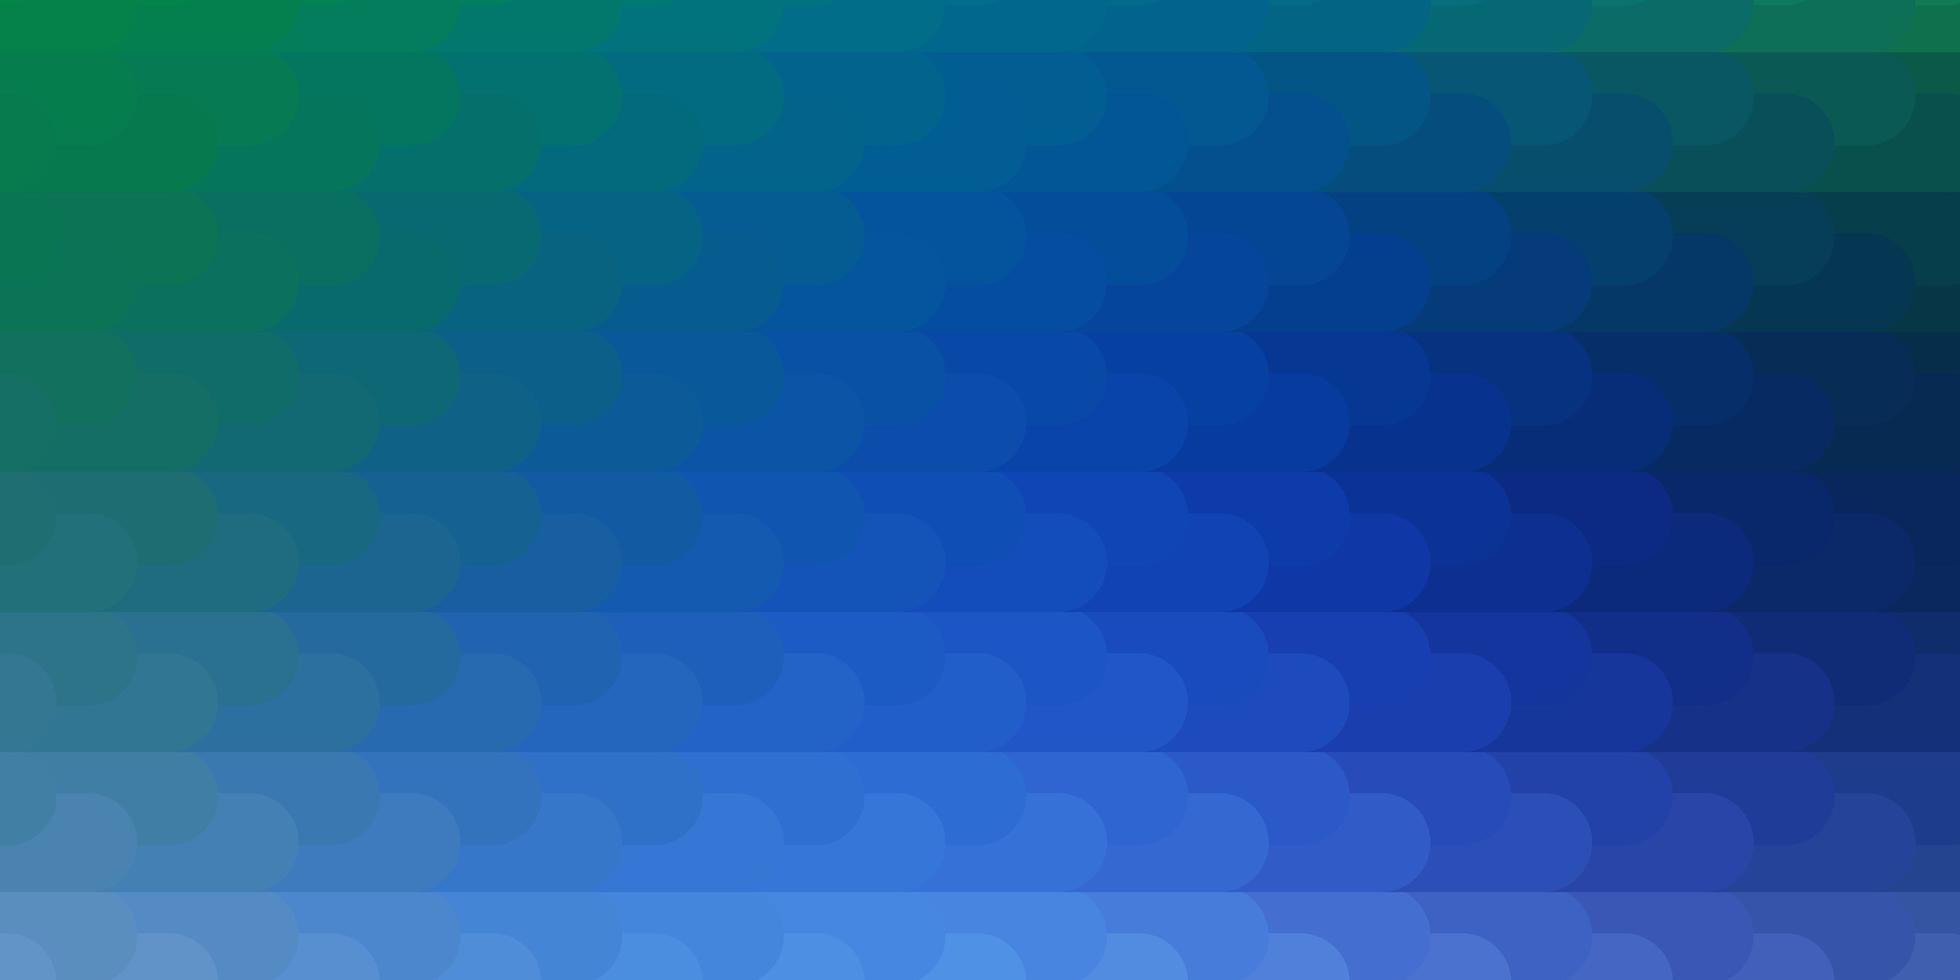 lichtblauwe, groene vectorlay-out met lijnen. vector